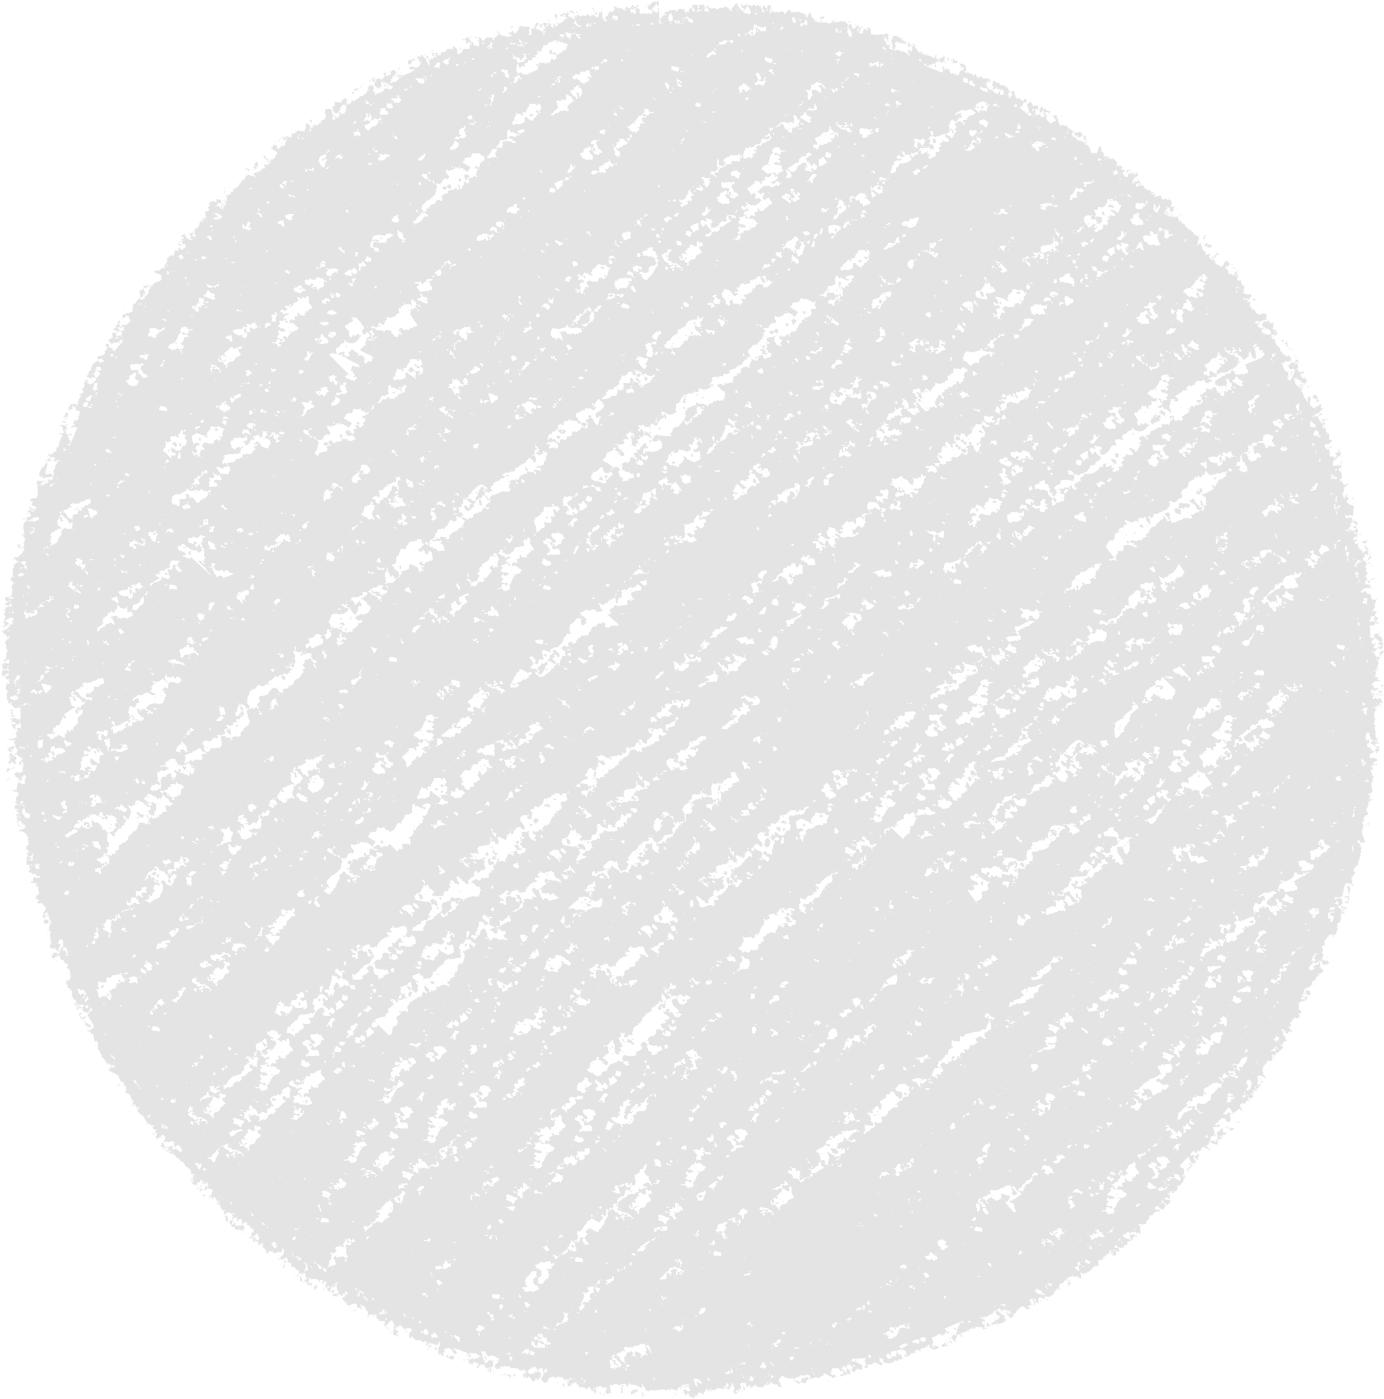 クレヨン塗り背景 ねずみ色 新(グレー)丸 パステル のイラスト sircle_gray